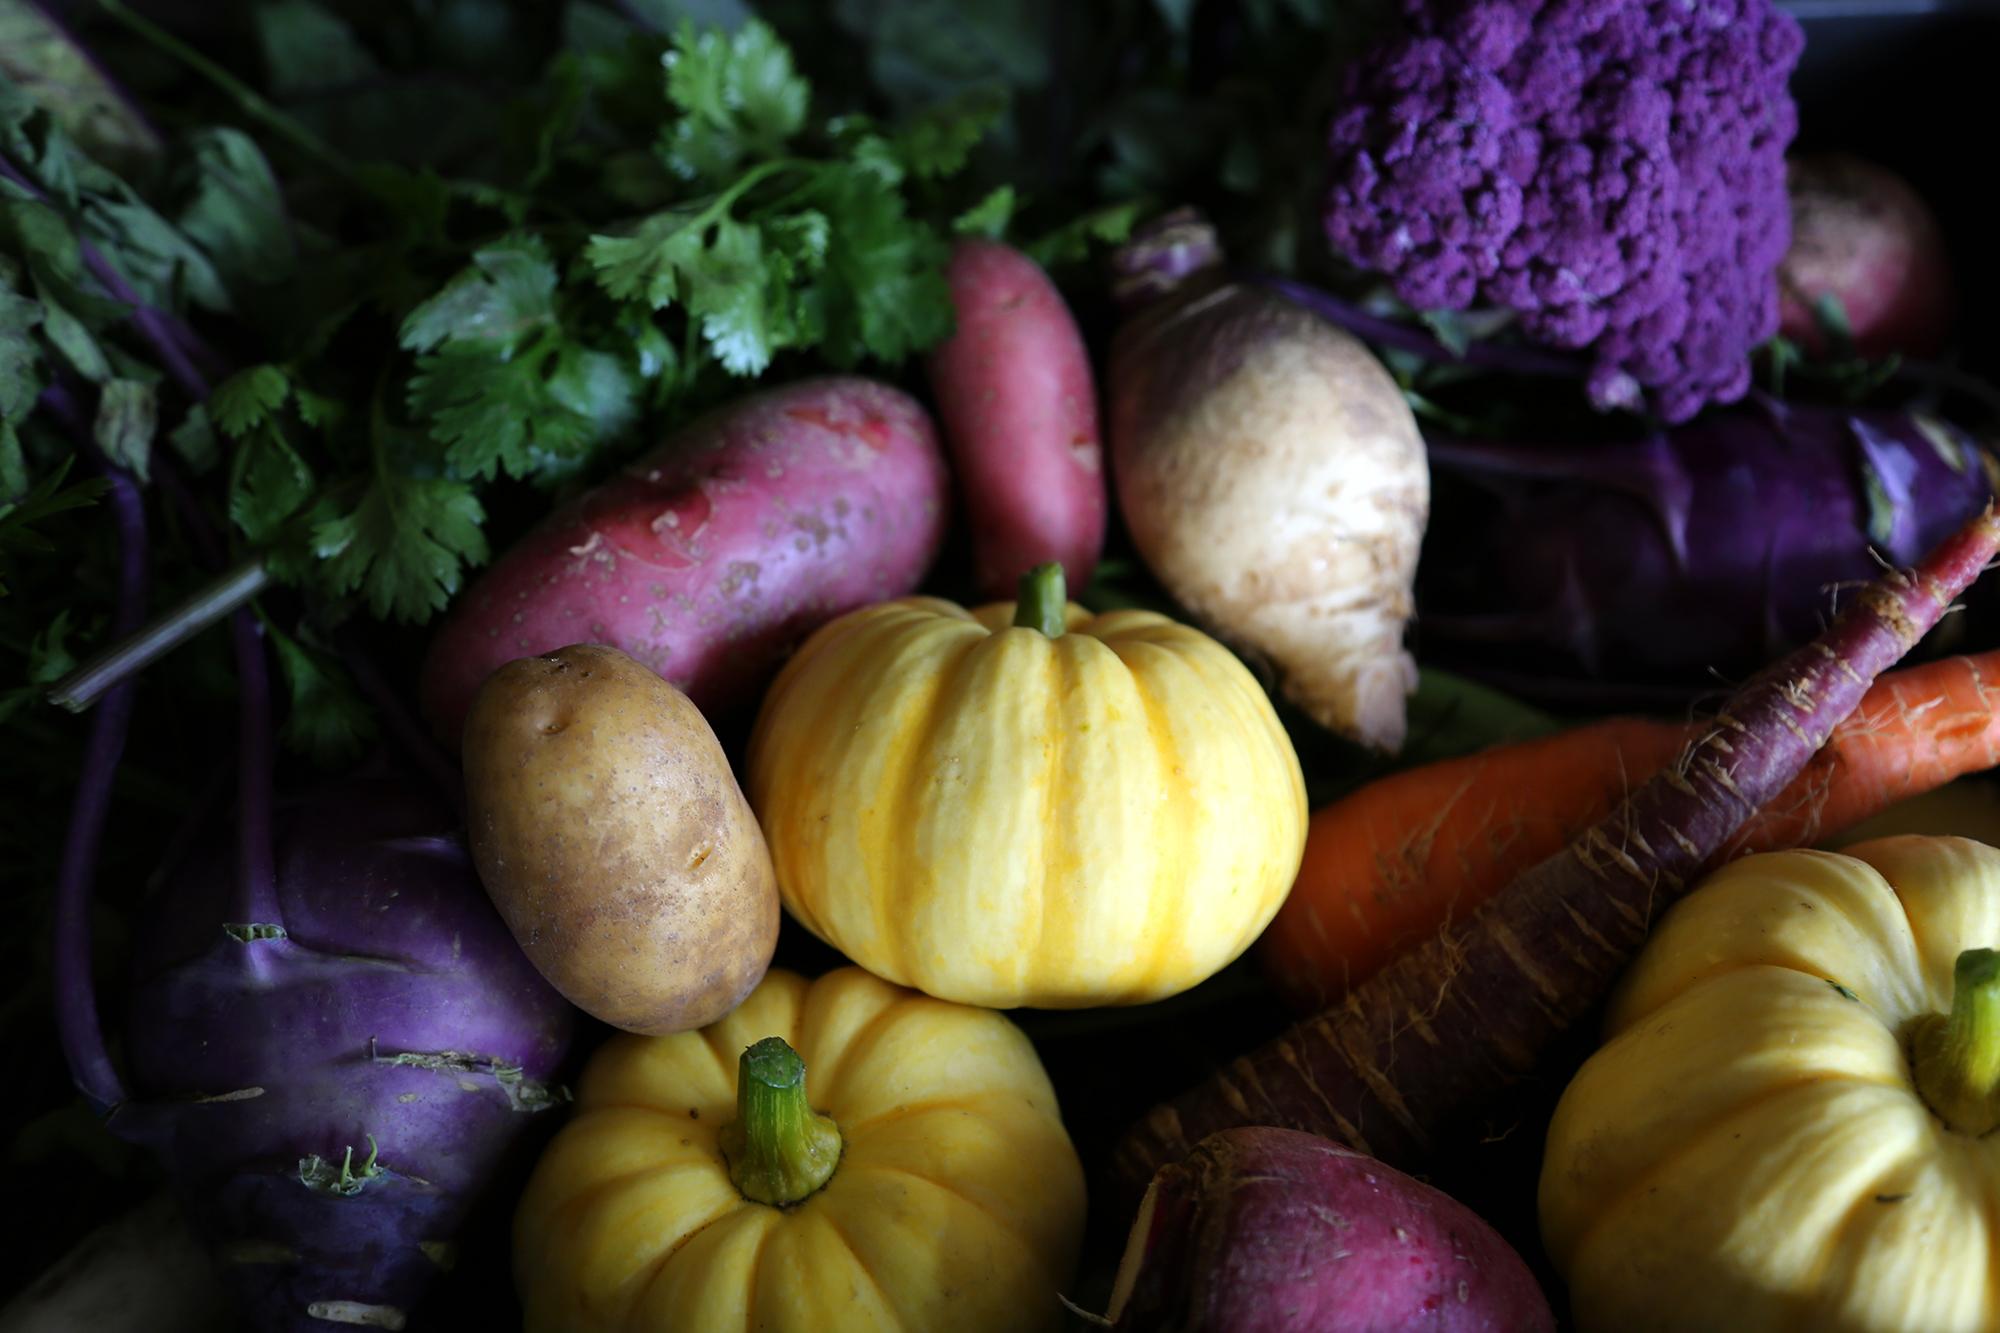 有機農業を中心とした面白いことにチャレンジ!